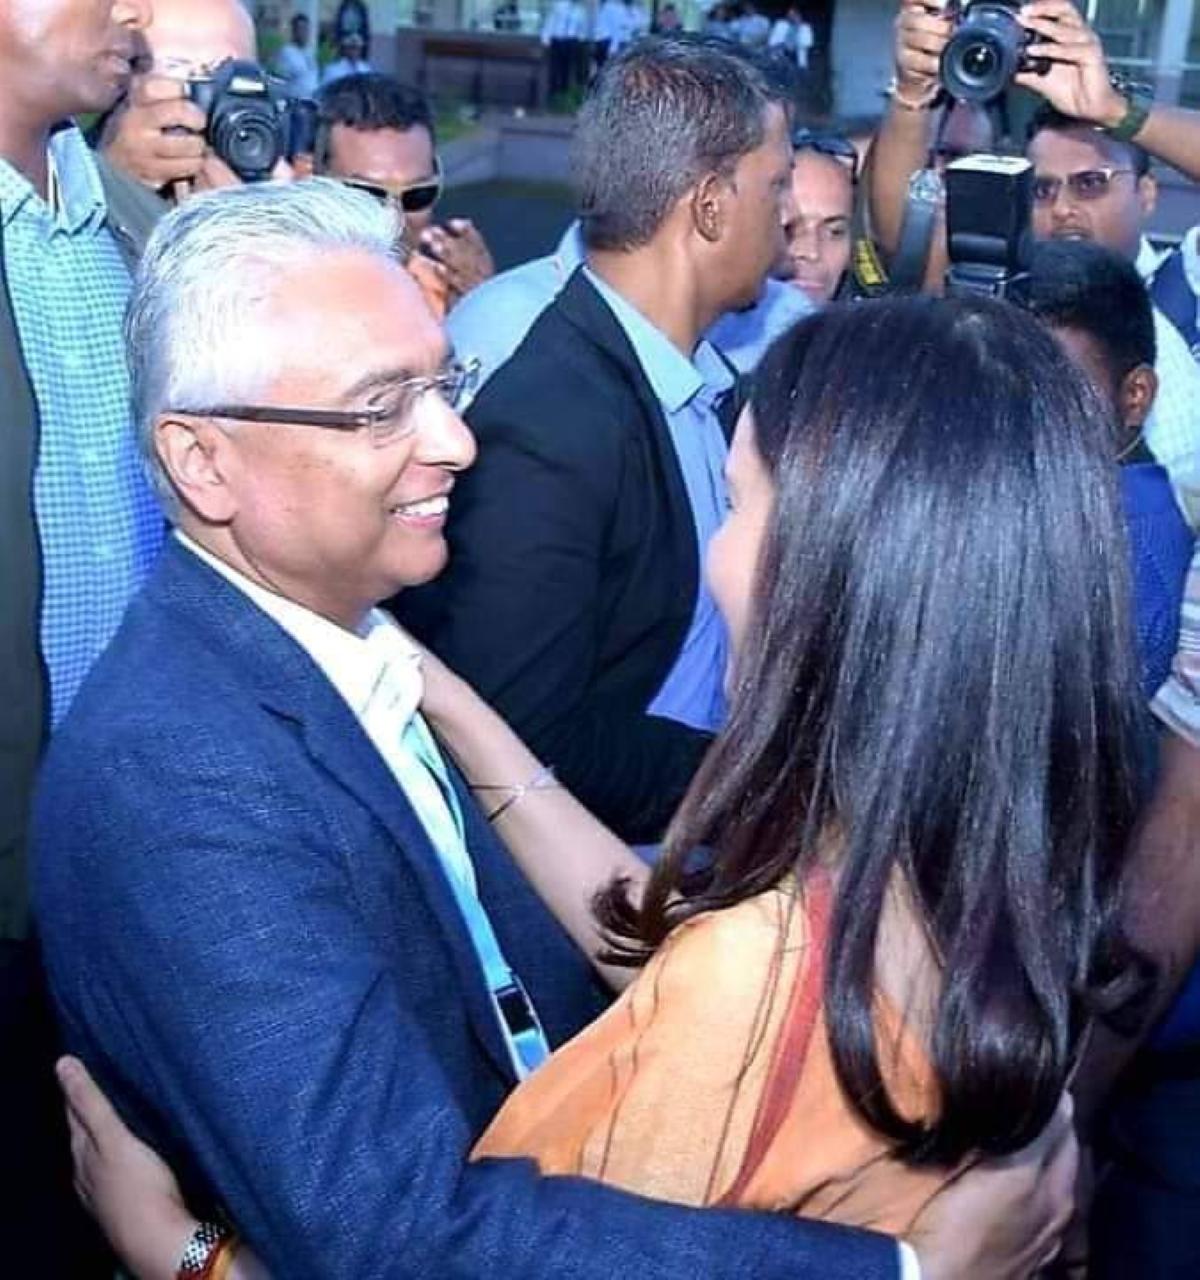 La schizophrénie pathologique de Pravind Jugnauth emmène l'île Maurice vers la dictature